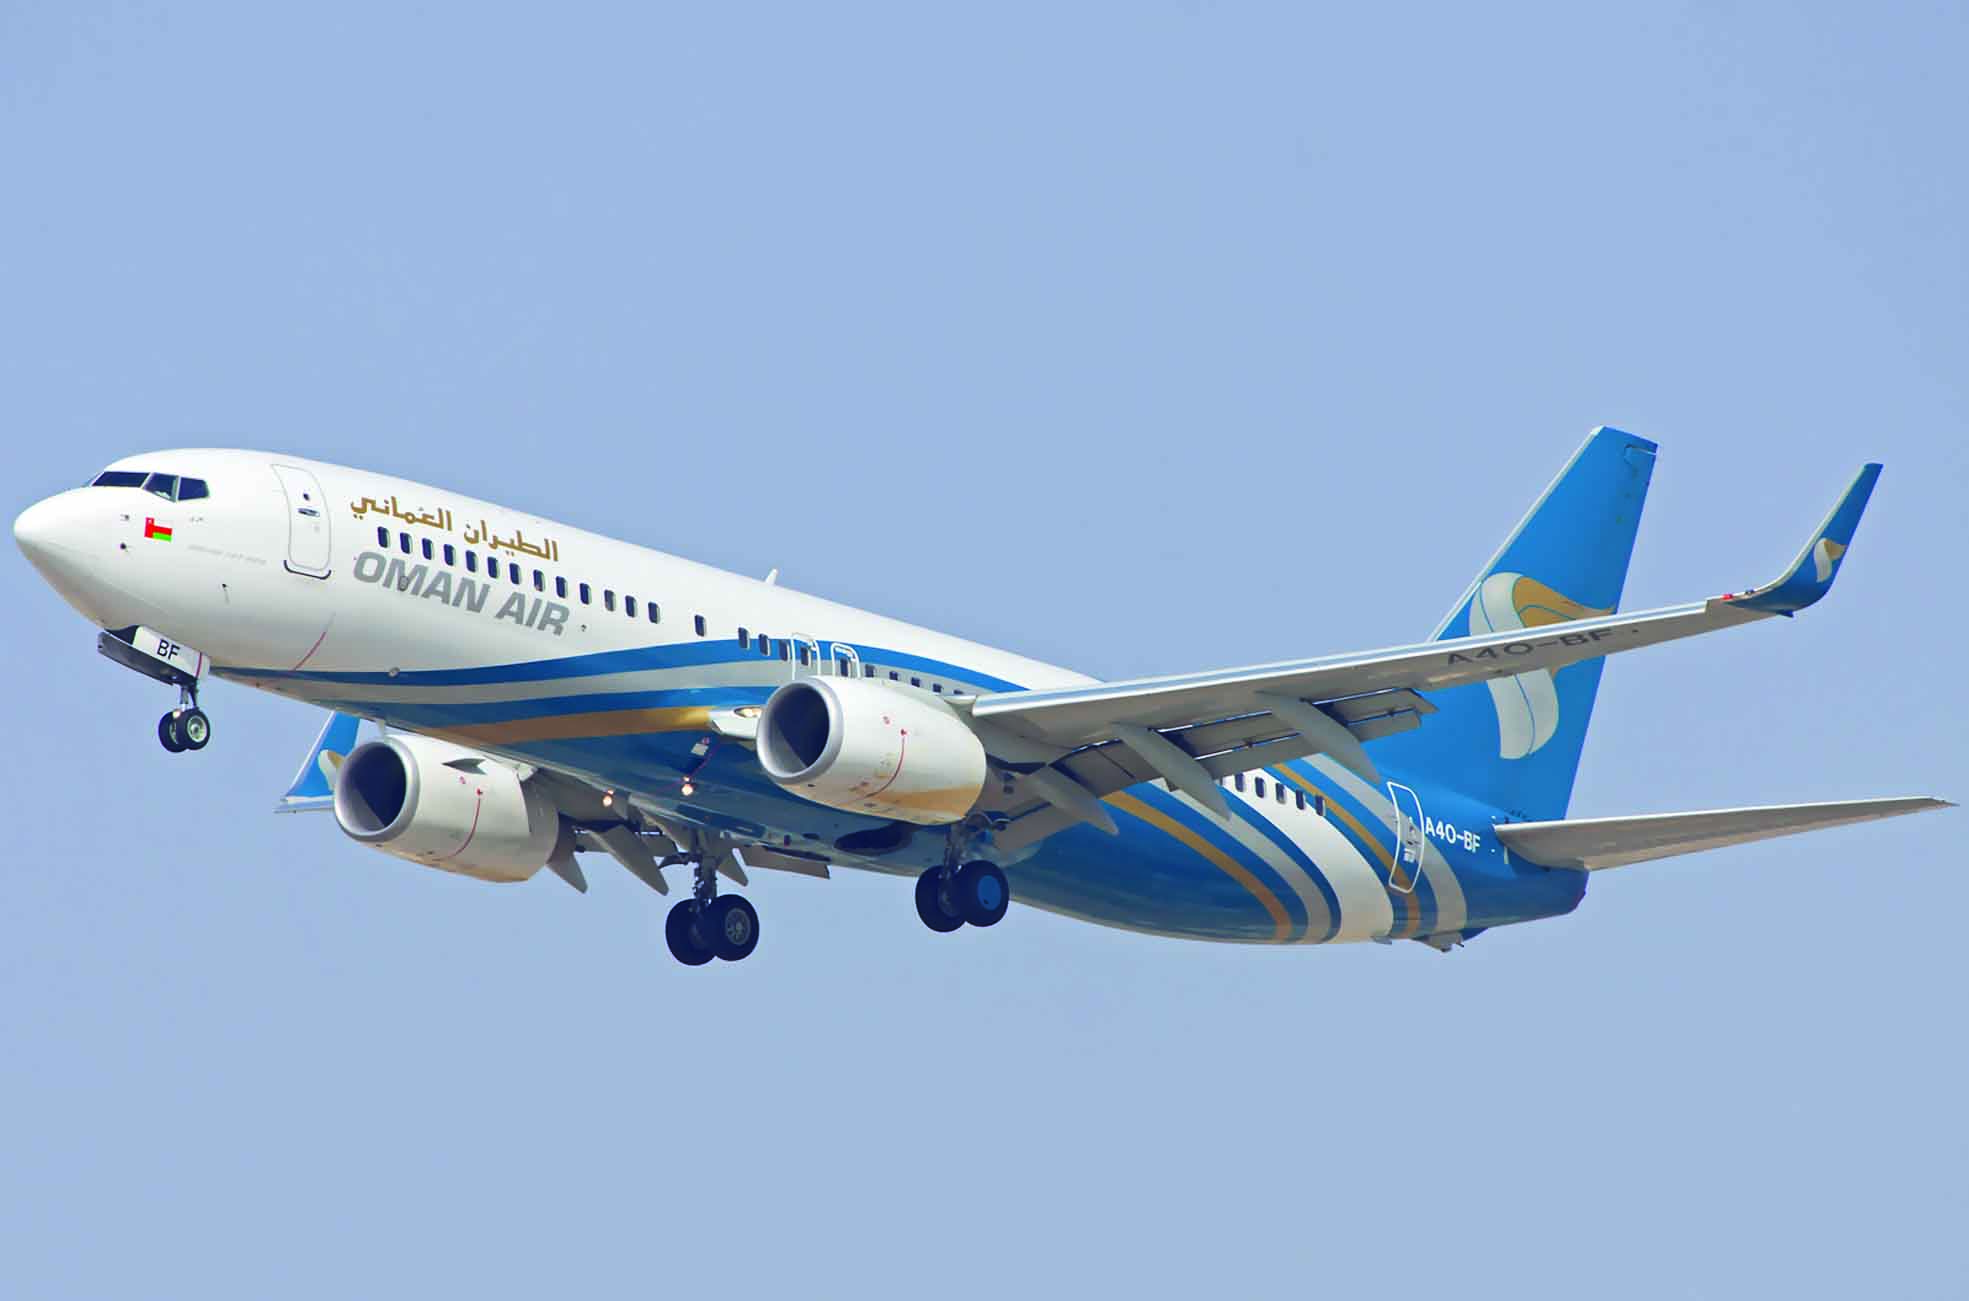 الرئيس التنفيذي للطيران العُماني يزور وجهات الخطوط الرئيسية